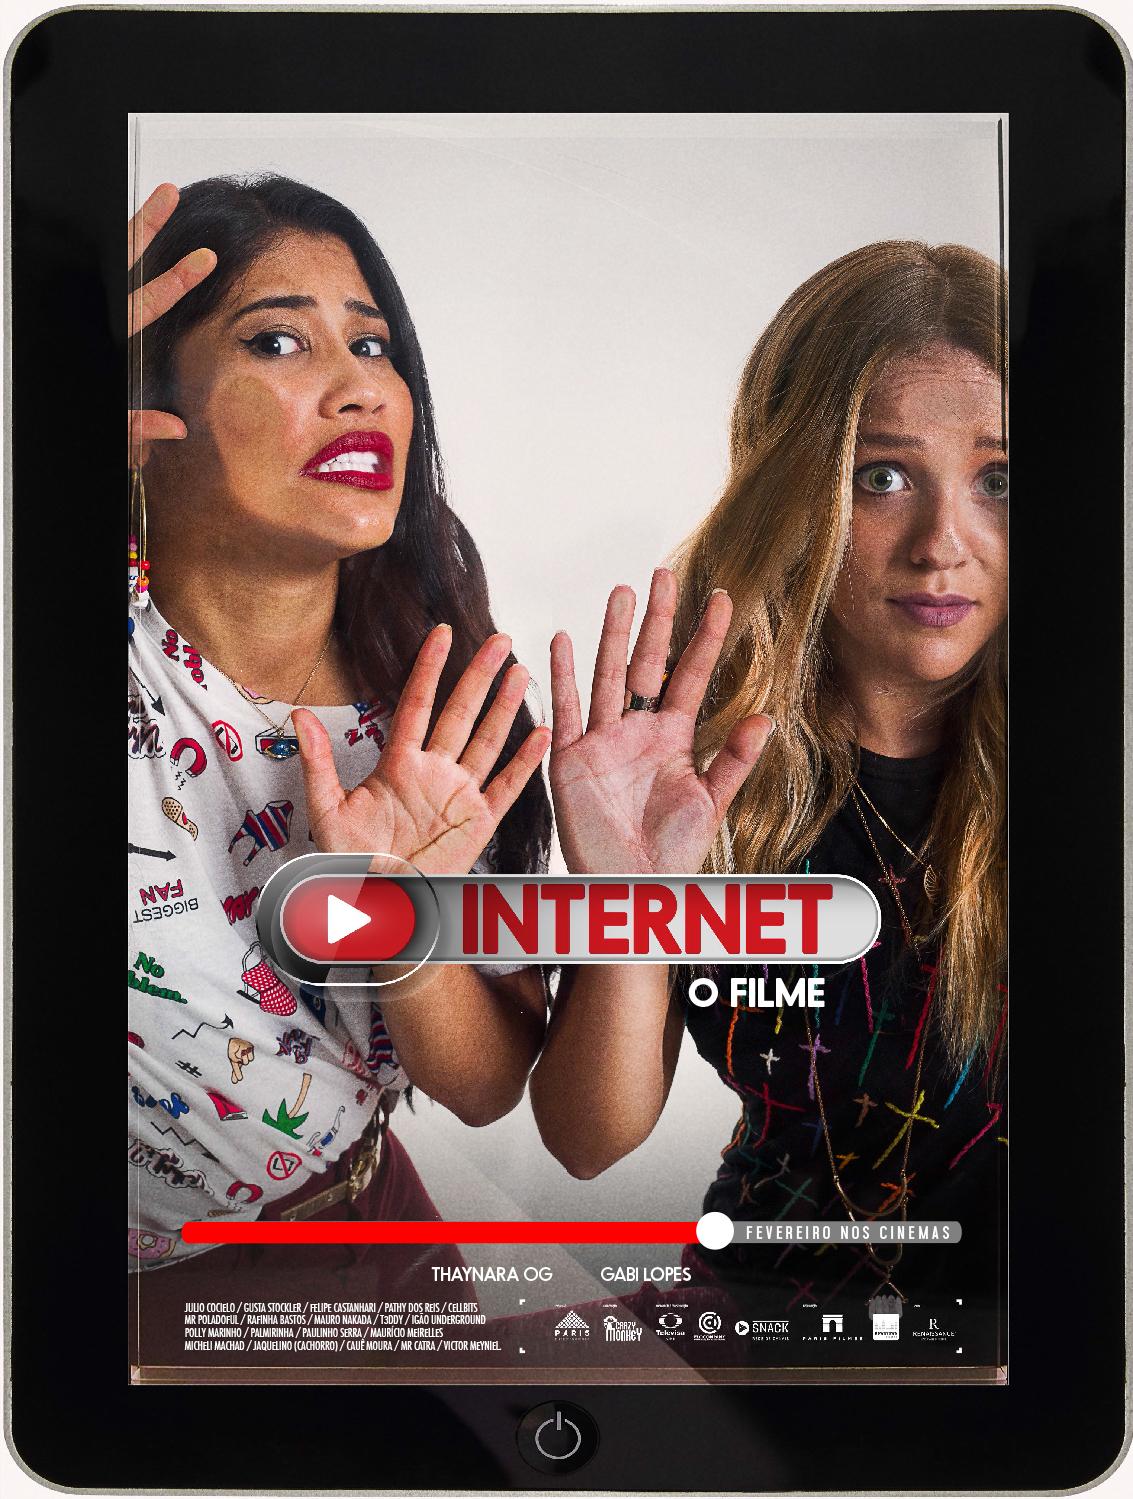 Internet – O Filme